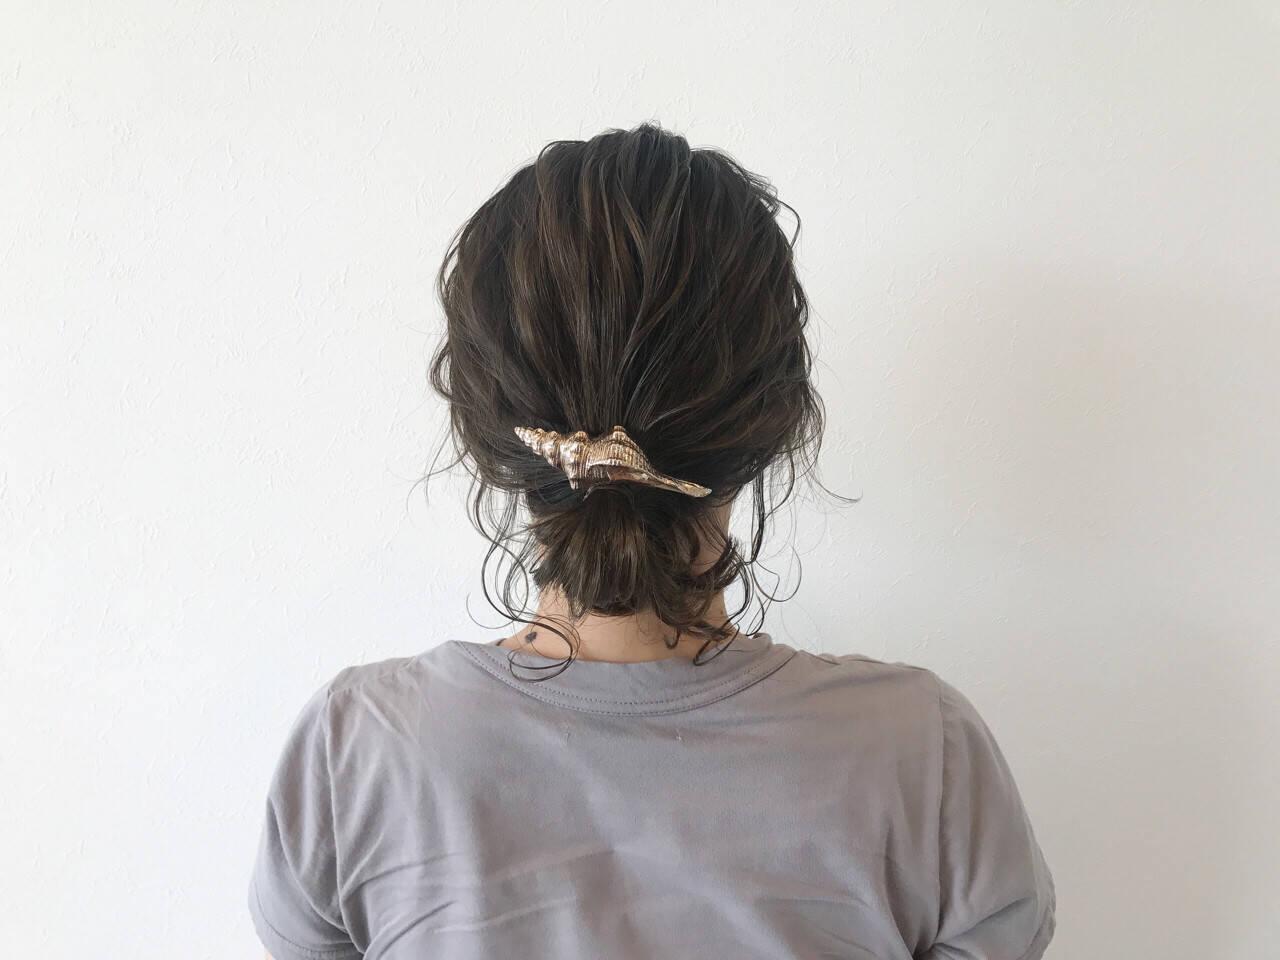 夏 デート 涼しげ ヘアアレンジヘアスタイルや髪型の写真・画像